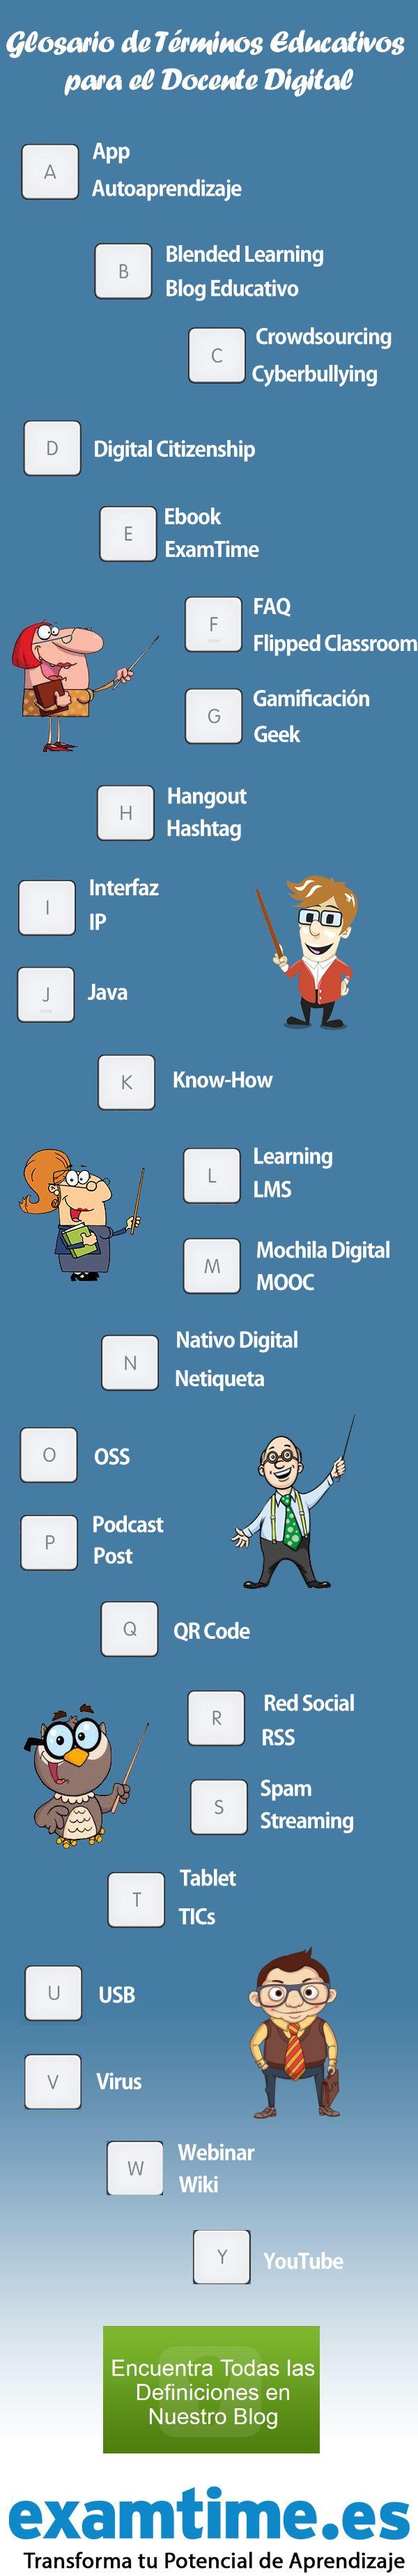 Glosario de términos del docente digital #infografia #infographic #education